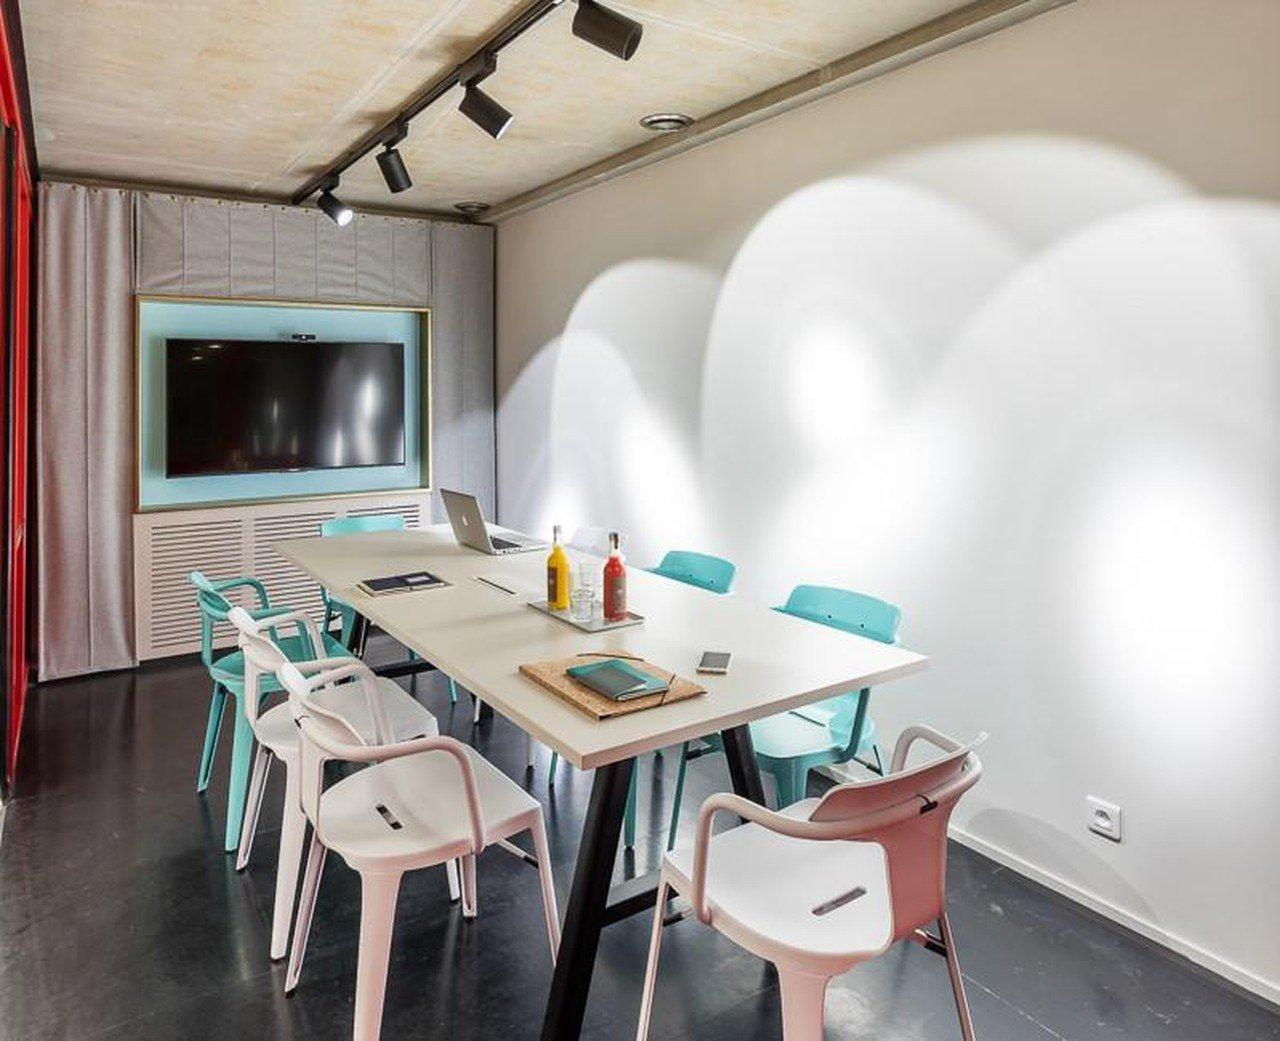 Paris Espaces de travail Espace de Coworking L'Inspirante - Deskopolitan image 5